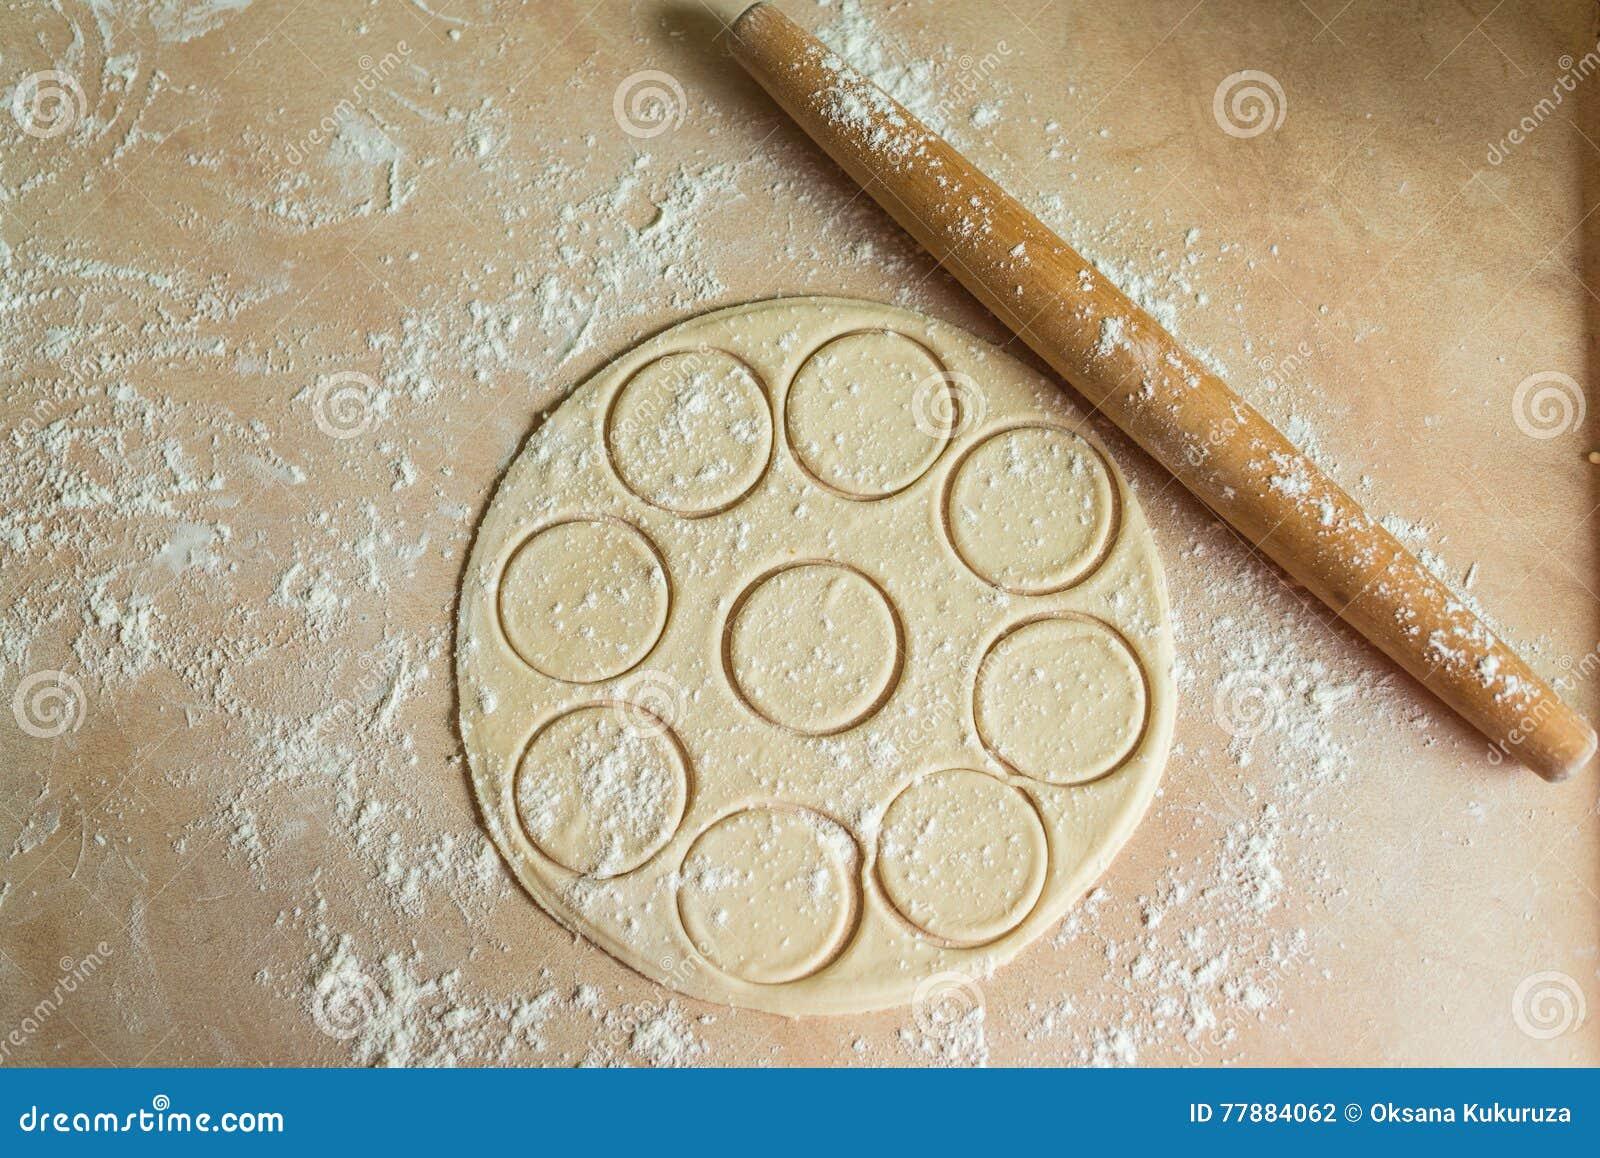 Pasta Rodada Con Los Círculos, Rodillo Foto de archivo